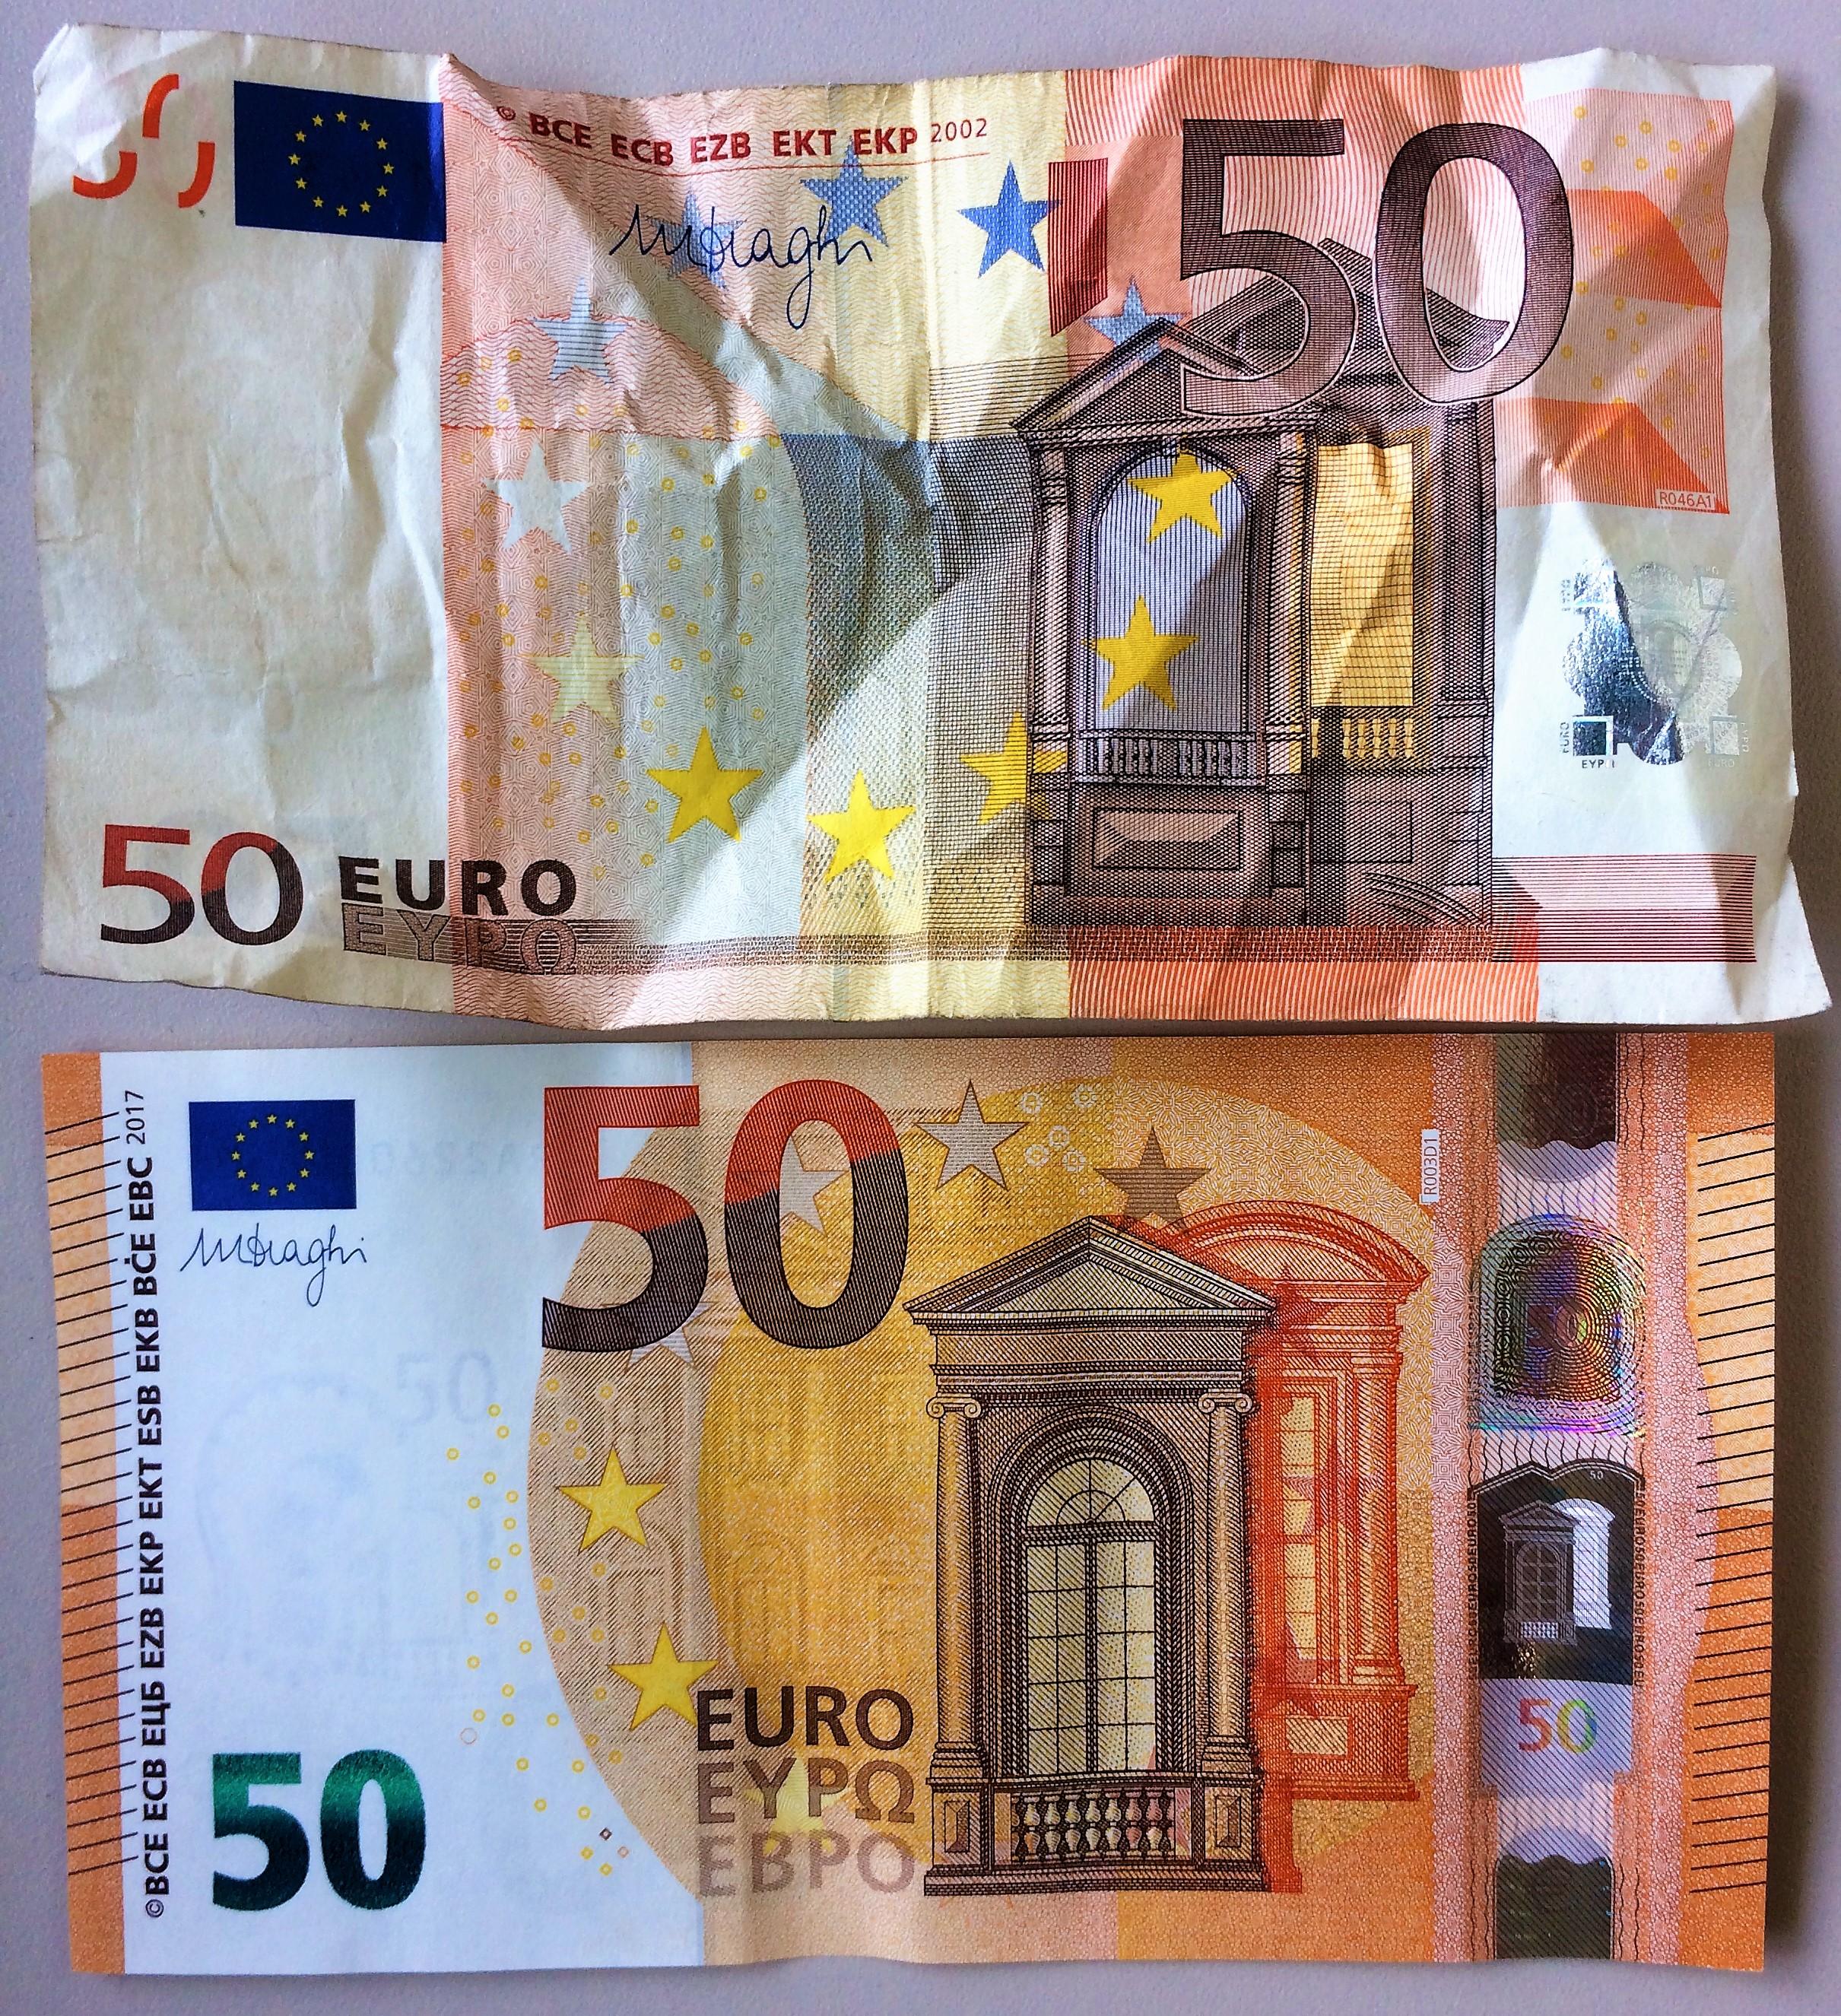 """....    Welchen dieser Euro-Scheine würden Sie persönlich vorziehen ? Auch den unteren ? Klar, der ist ja auch schöner anzusehen. Wir lieben das Schöne, daher ziehen wir es vor.    Welcher dieser Scheine hat mehr Wert ? Sie sagen: """"Beide gleich viel!"""" Und dies, obwohl der eine so zerzaust ist ? Es kann also etwas den Wert behalten, obwohl es nicht mehr 'optimal anzusehen' ist.    ..    Which of these Euro bills would you prefer to have? The lower one? Of course, it looks much nicer. We love beauty. We tend to choose nicer things.    Now, which of these Euro notes is more valuable? You would say they're equal, right? Really? Even though the one is all crumpled and ugly? So, you're saying something can keep its value even though it is not as pretty as it once was or in comparison with others?    ...."""